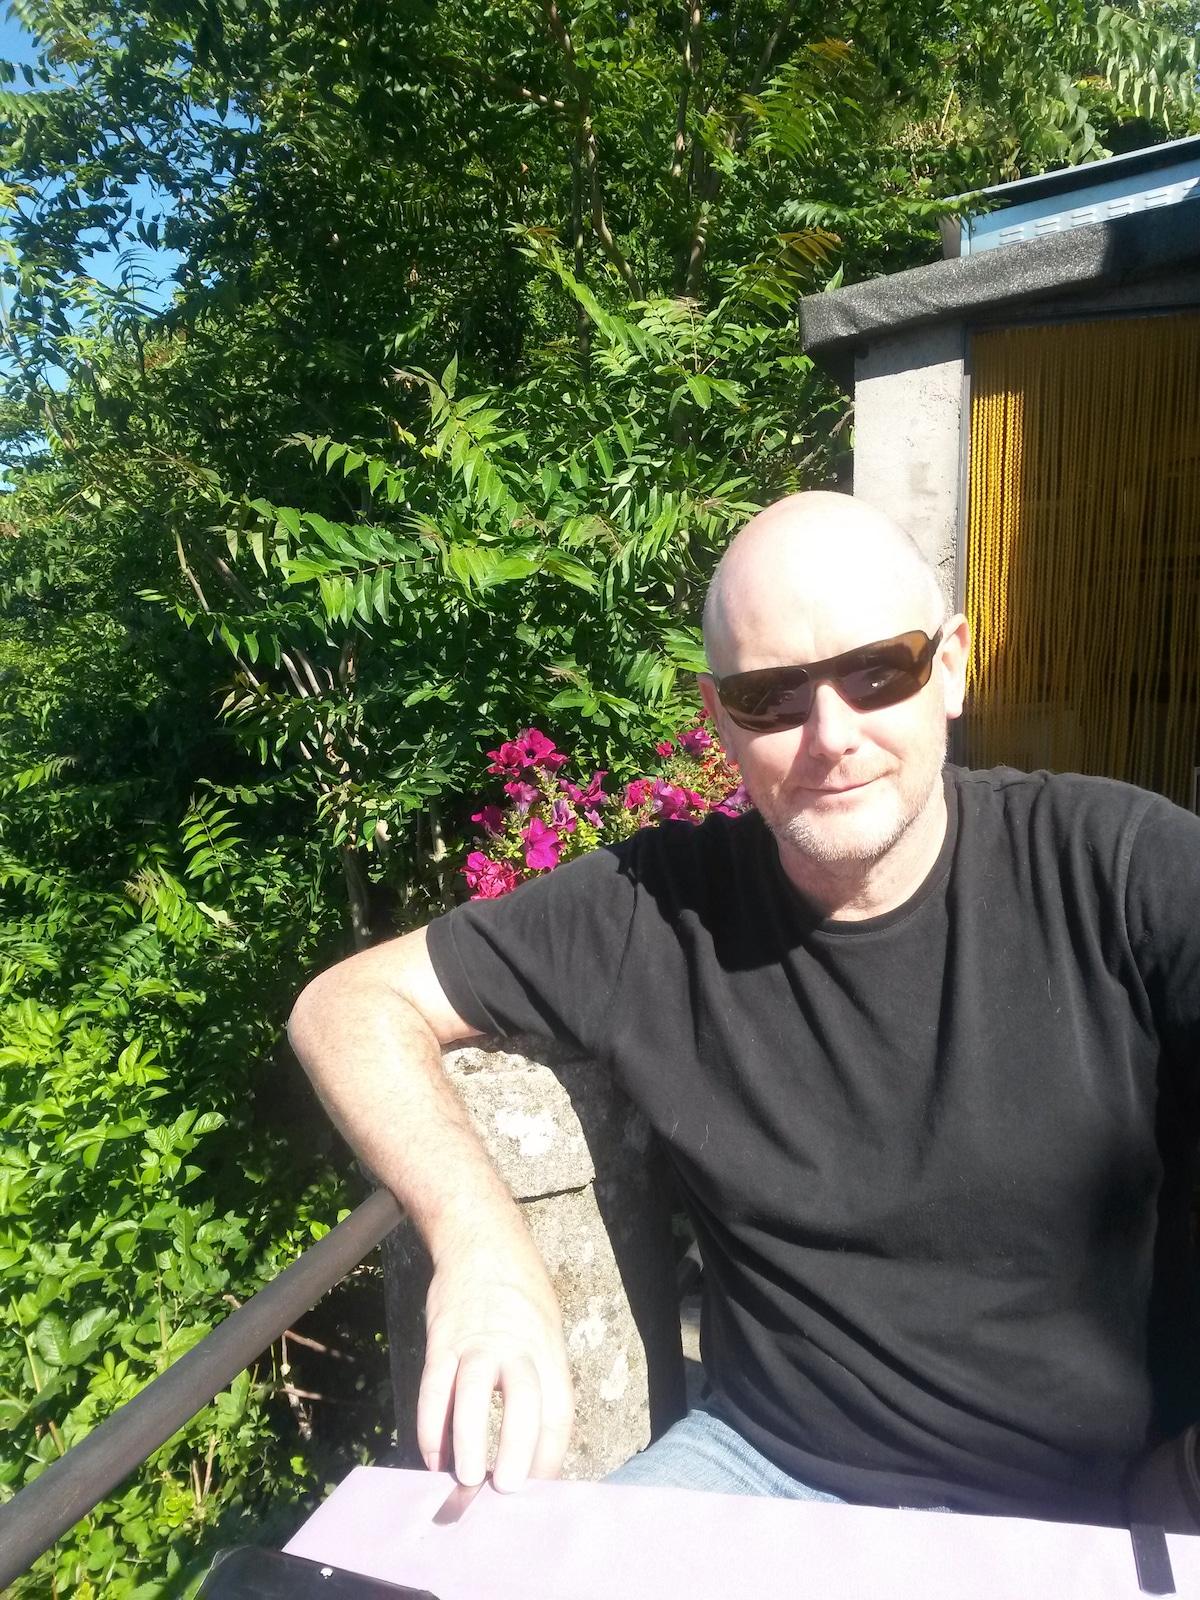 Graham from Urbania